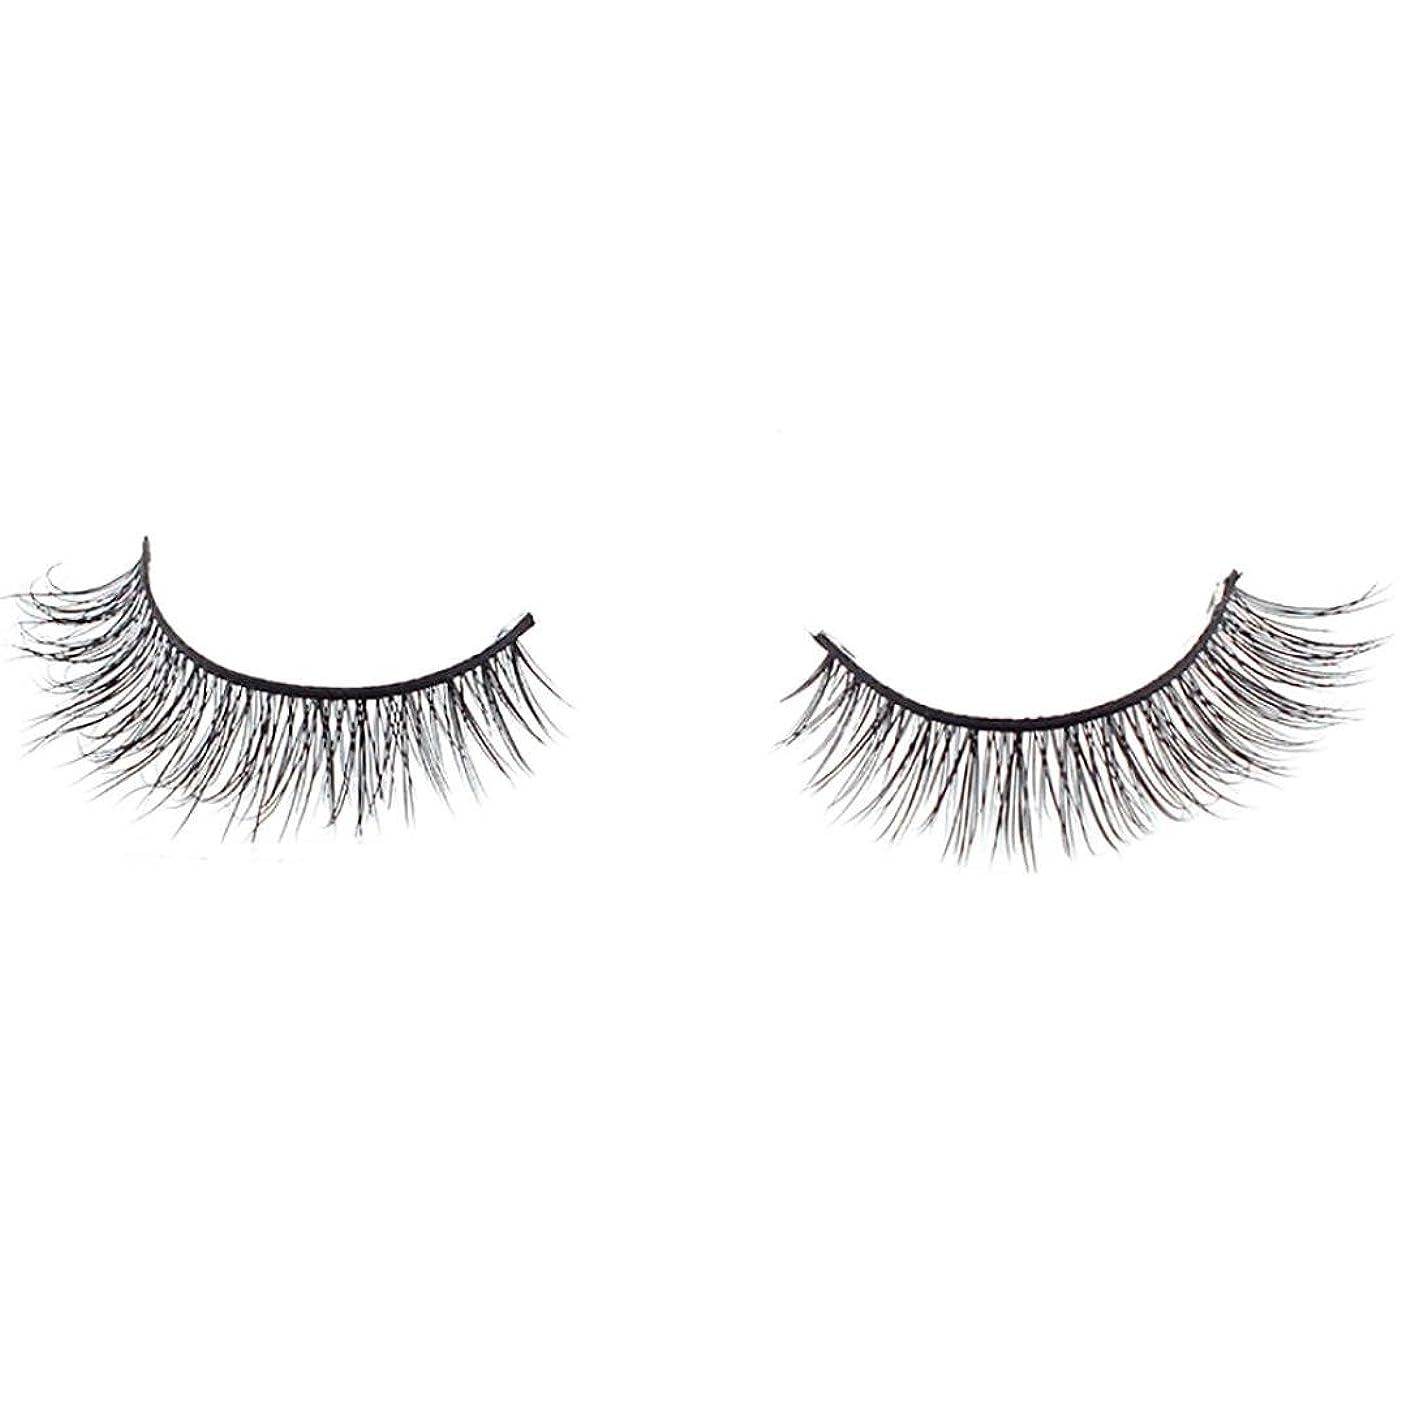 前文誘発する姿勢Feteso 1双 つけまつげ 上まつげ Eyelashes アイラッシュ ビューティー まつげエクステ扩展 レディース 化粧ツール アイメイクアップ 人気 ナチュラル 柔らかい 装着簡単 綺麗 変身